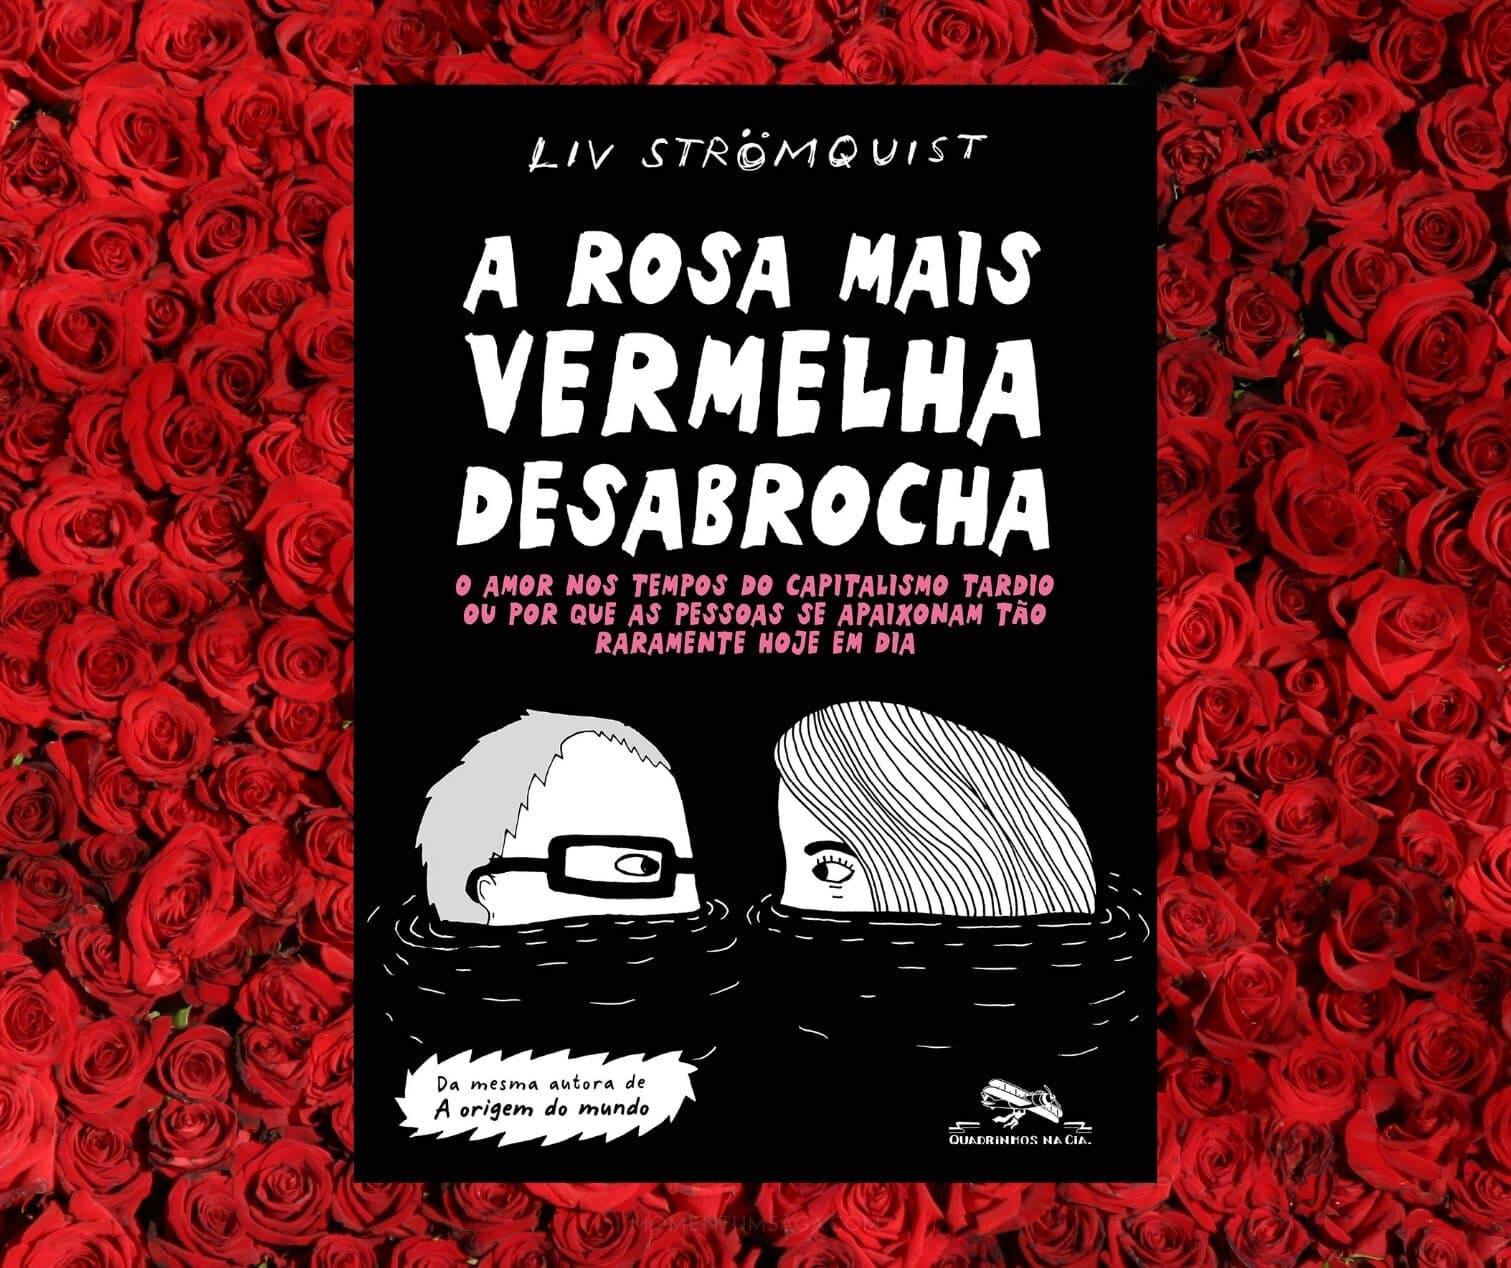 Resenha: A rosa mais vermelha desabrocha, de Liv Strömquist